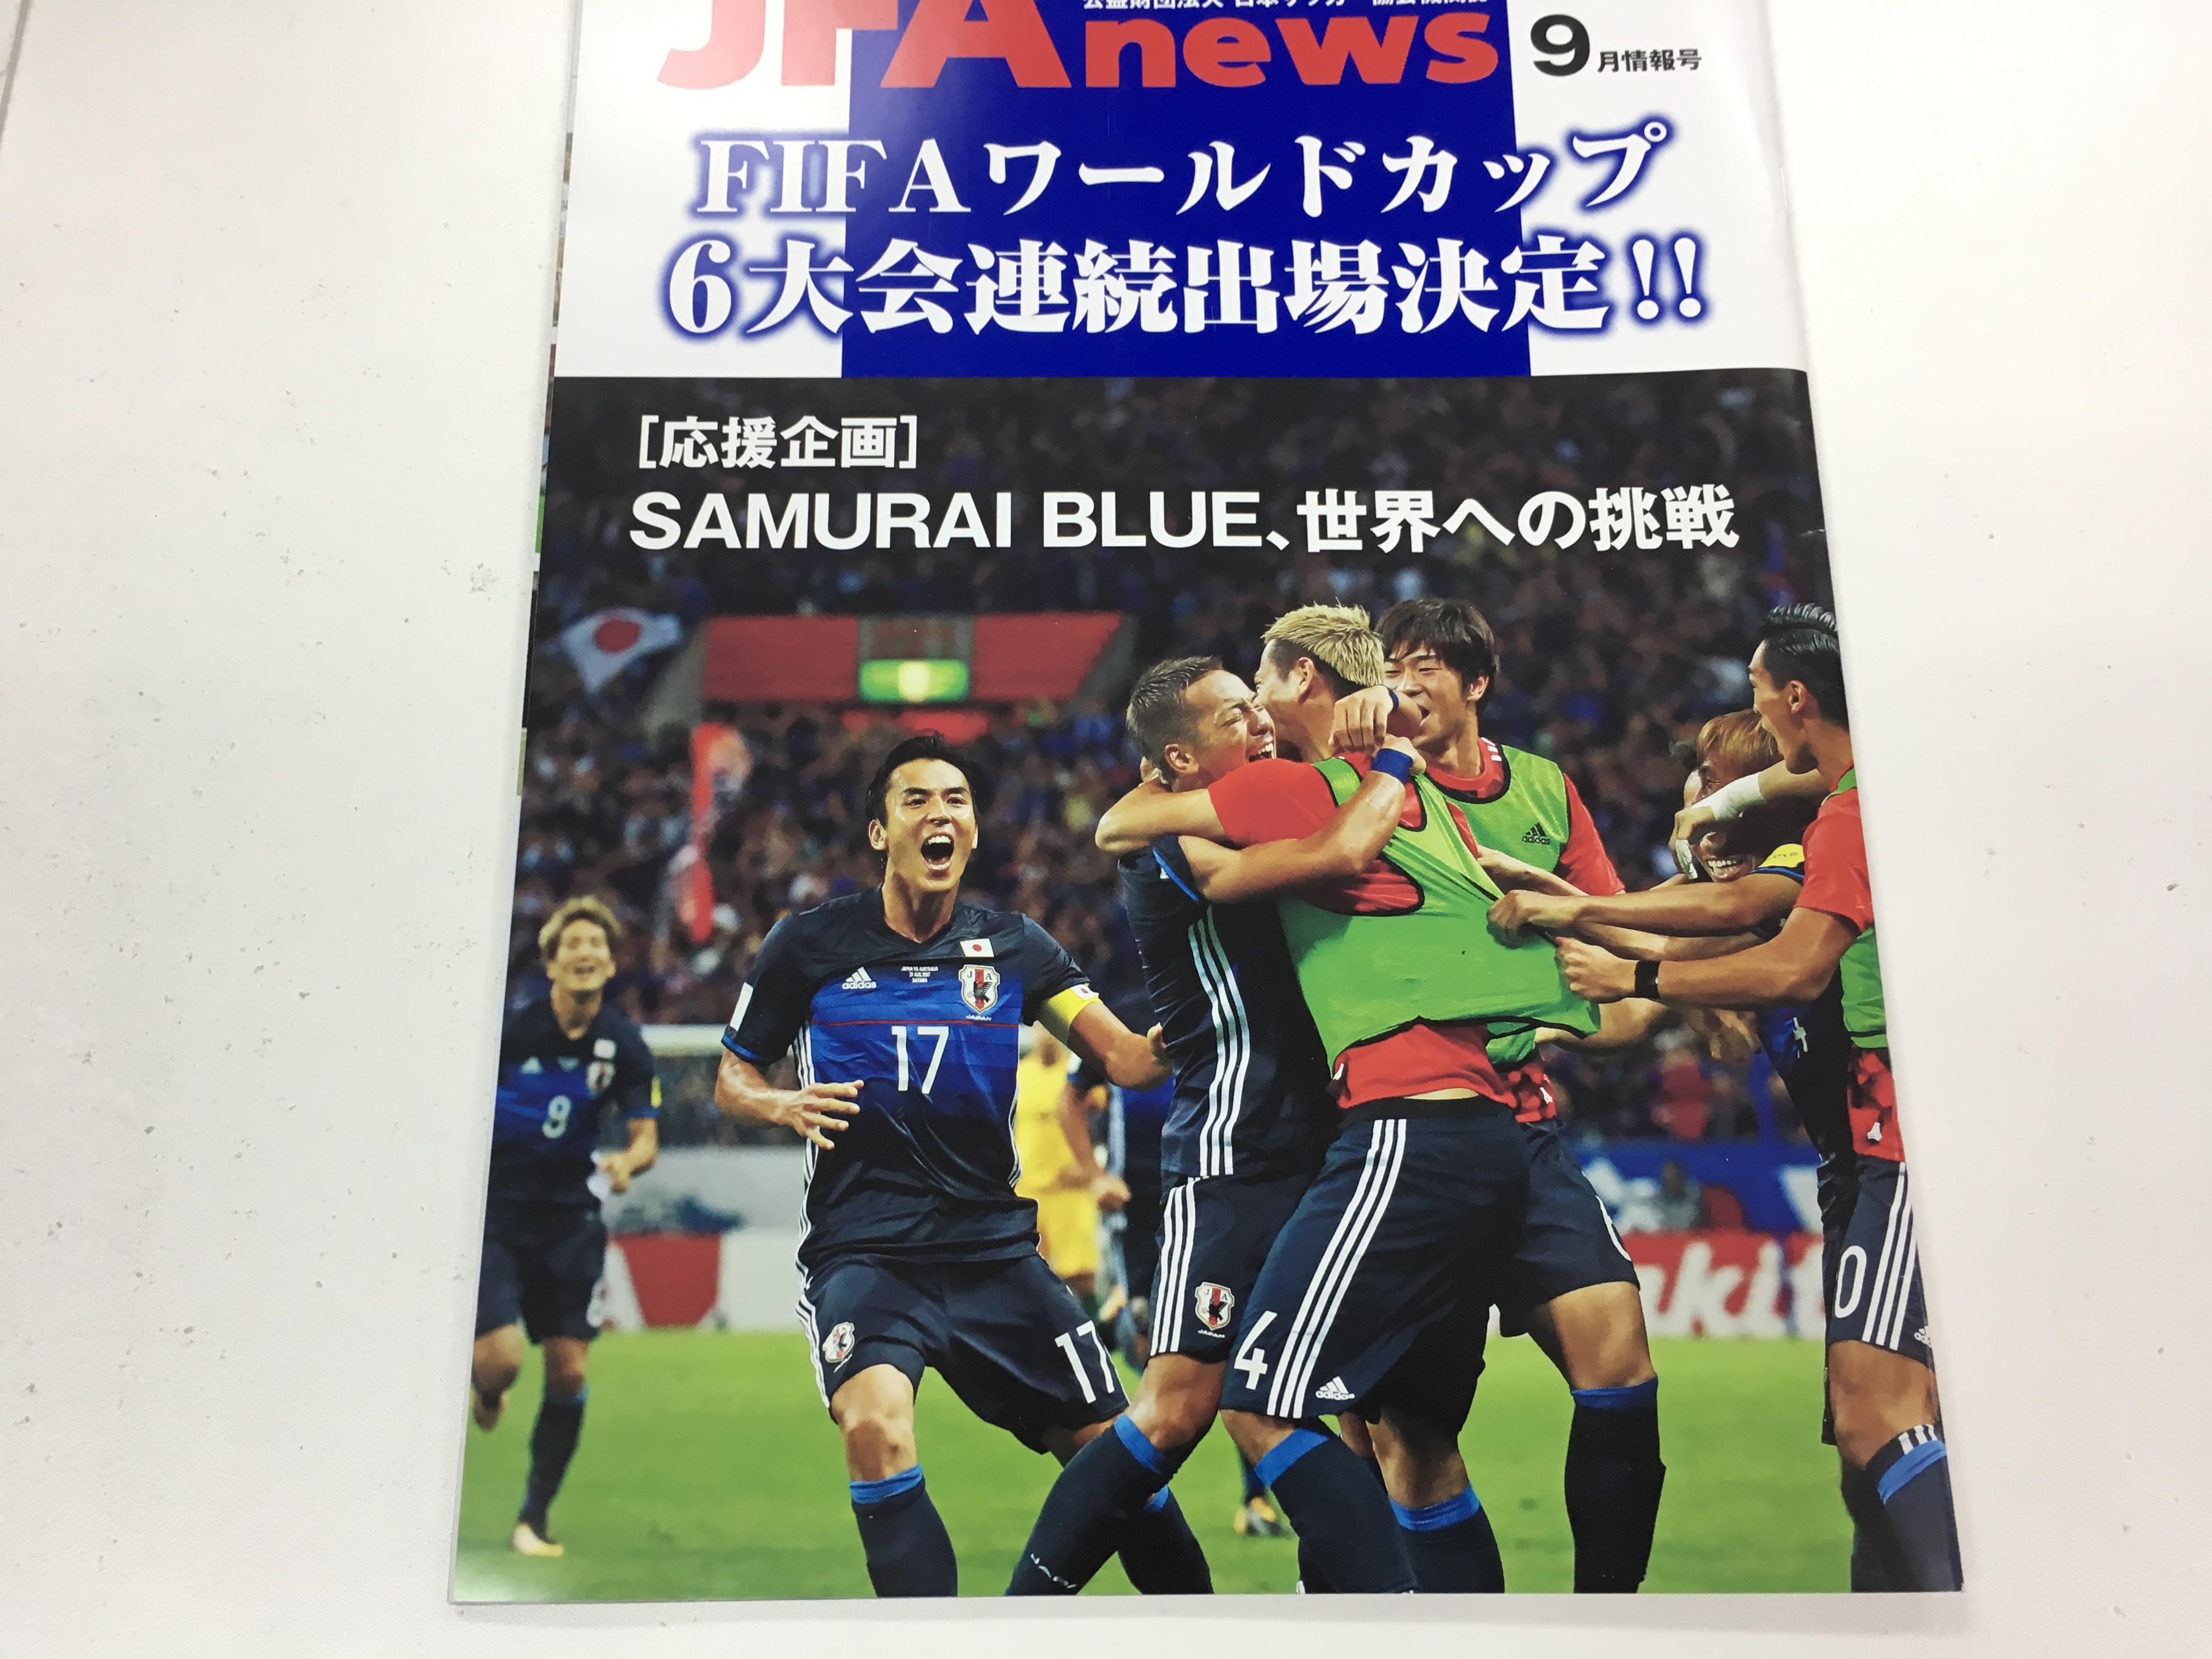 日本と世界の差!? 〜サッカーワールドカップ日本代表〜